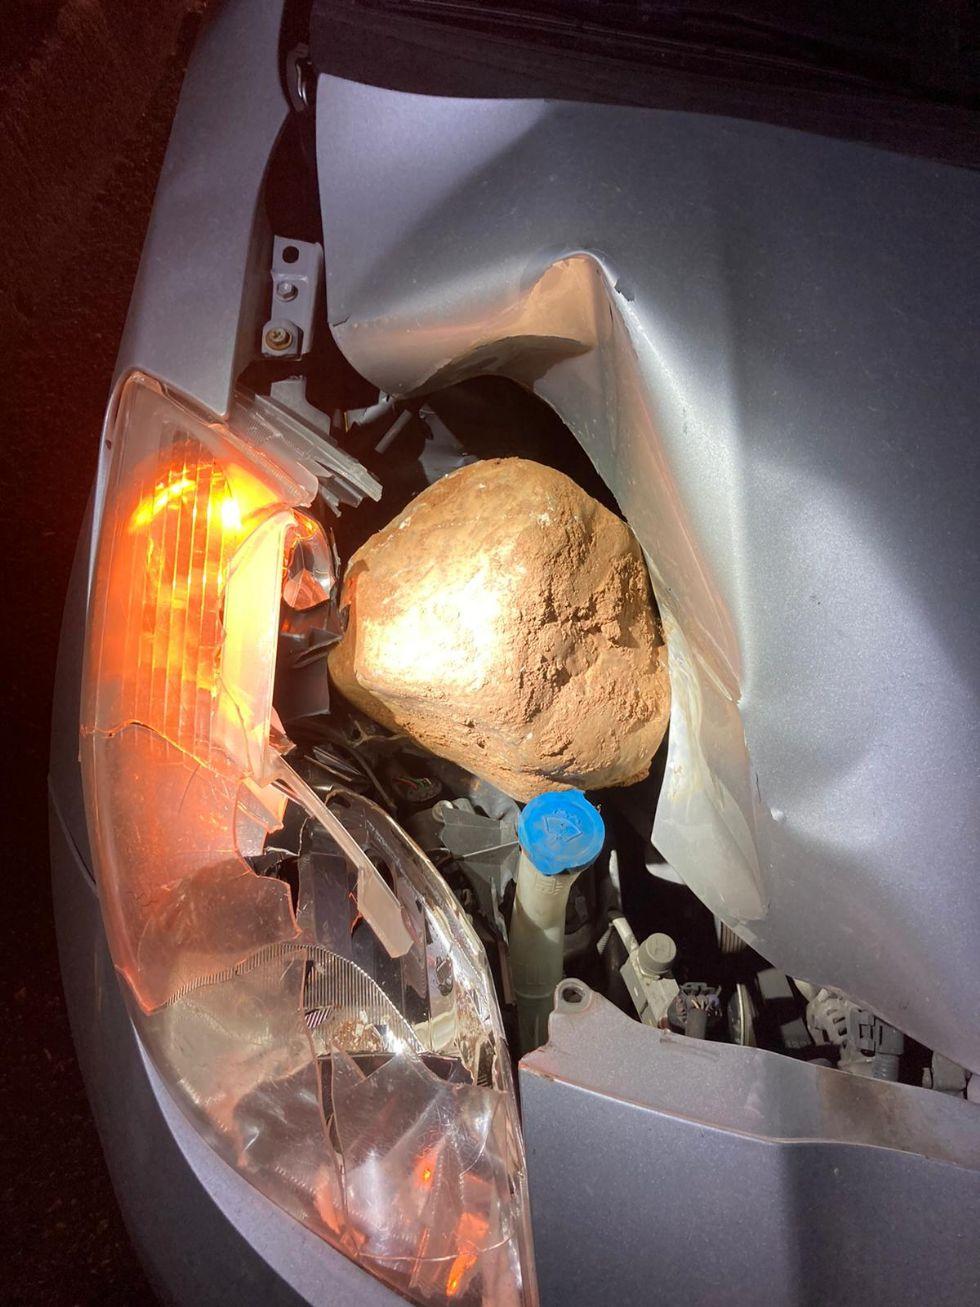 CRONACA - Rintracciati i minorenni che colpirono con un sasso in autostrada il lavoratore di Piossasco